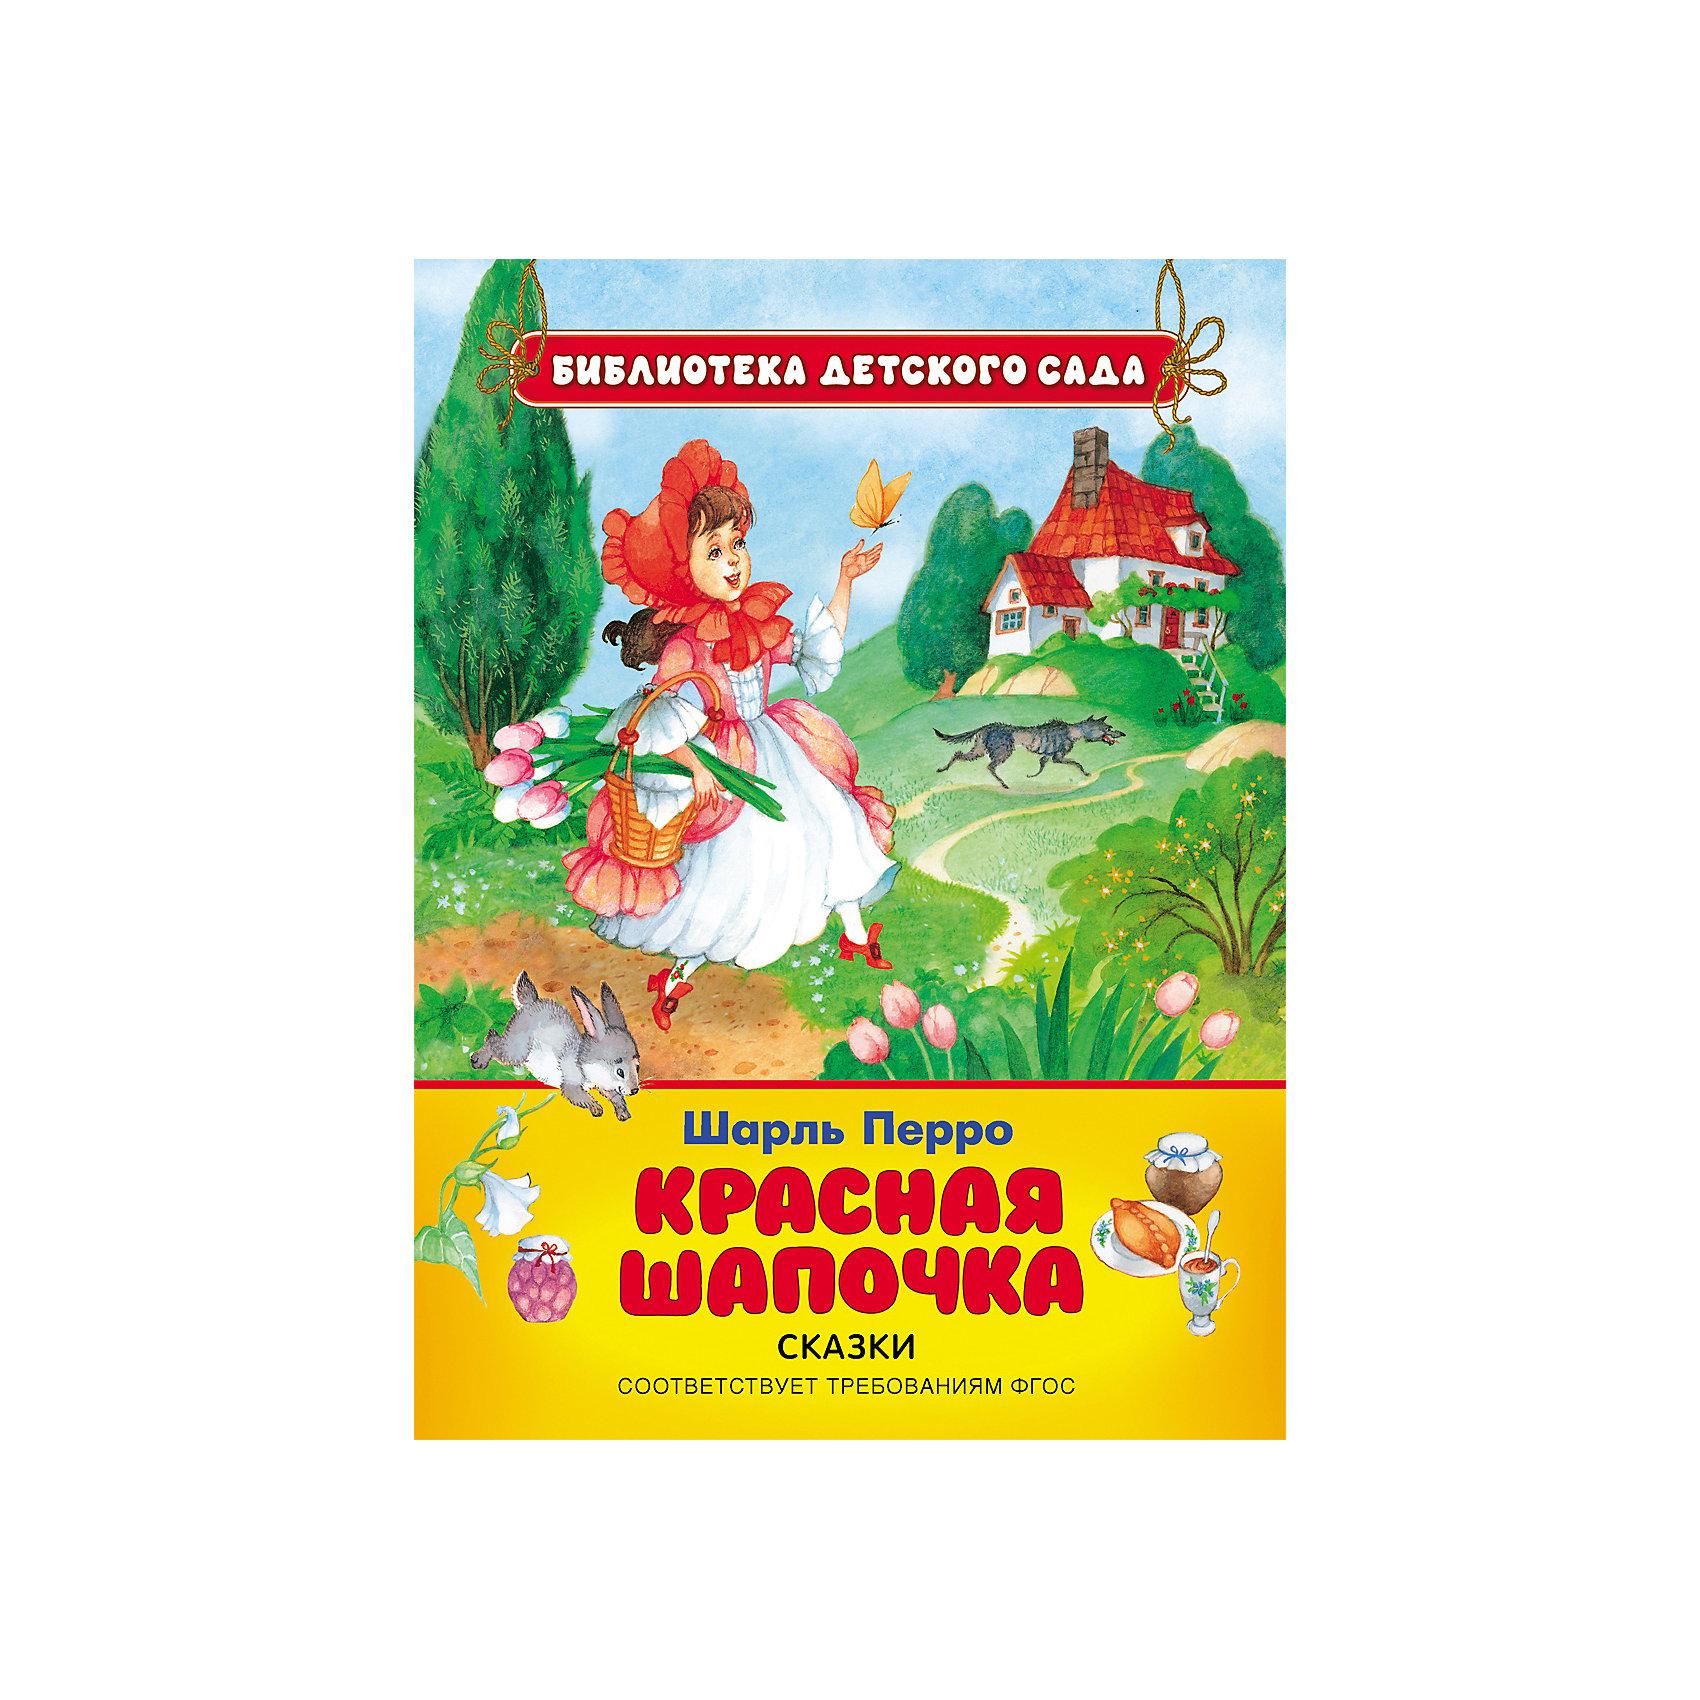 Красная шапочка, Ш. ПерроШарль Перро<br>Характеристики товара:<br><br>- цвет: разноцветный;<br>- материал: бумага;<br>- количество страниц: 48;<br>- формат: 22,2 x 16,5 см;<br>- обложка: твердая;<br>- возраст: 3+;<br>- содержание: Красная Шапочка, Ослиная Шкура, Подарки феи, Кот в сапогах.<br><br>Шарль Перро – всеми любимый писатель детских сказок. В сборнике есть несколько его самых знаменитых сказок, таких как Кот в сапогах, Красная шапочка и другие. Яркая книга станет отличной частью детской домашней библиотеки. В книге есть яркие и красочные иллюстрации, привлекающие внимание малыша и способные привить любовь к книгам. Все материалы, использованные при производстве издания, соответствуют всем стандартам качества и безопасности. <br><br>Издание Красная шапочка, Ш. Перро от компании Росмэн можно приобрести в нашем интернет-магазине.<br><br>Ширина мм: 222<br>Глубина мм: 165<br>Высота мм: 7<br>Вес г: 208<br>Возраст от месяцев: 36<br>Возраст до месяцев: 72<br>Пол: Унисекс<br>Возраст: Детский<br>SKU: 5109874